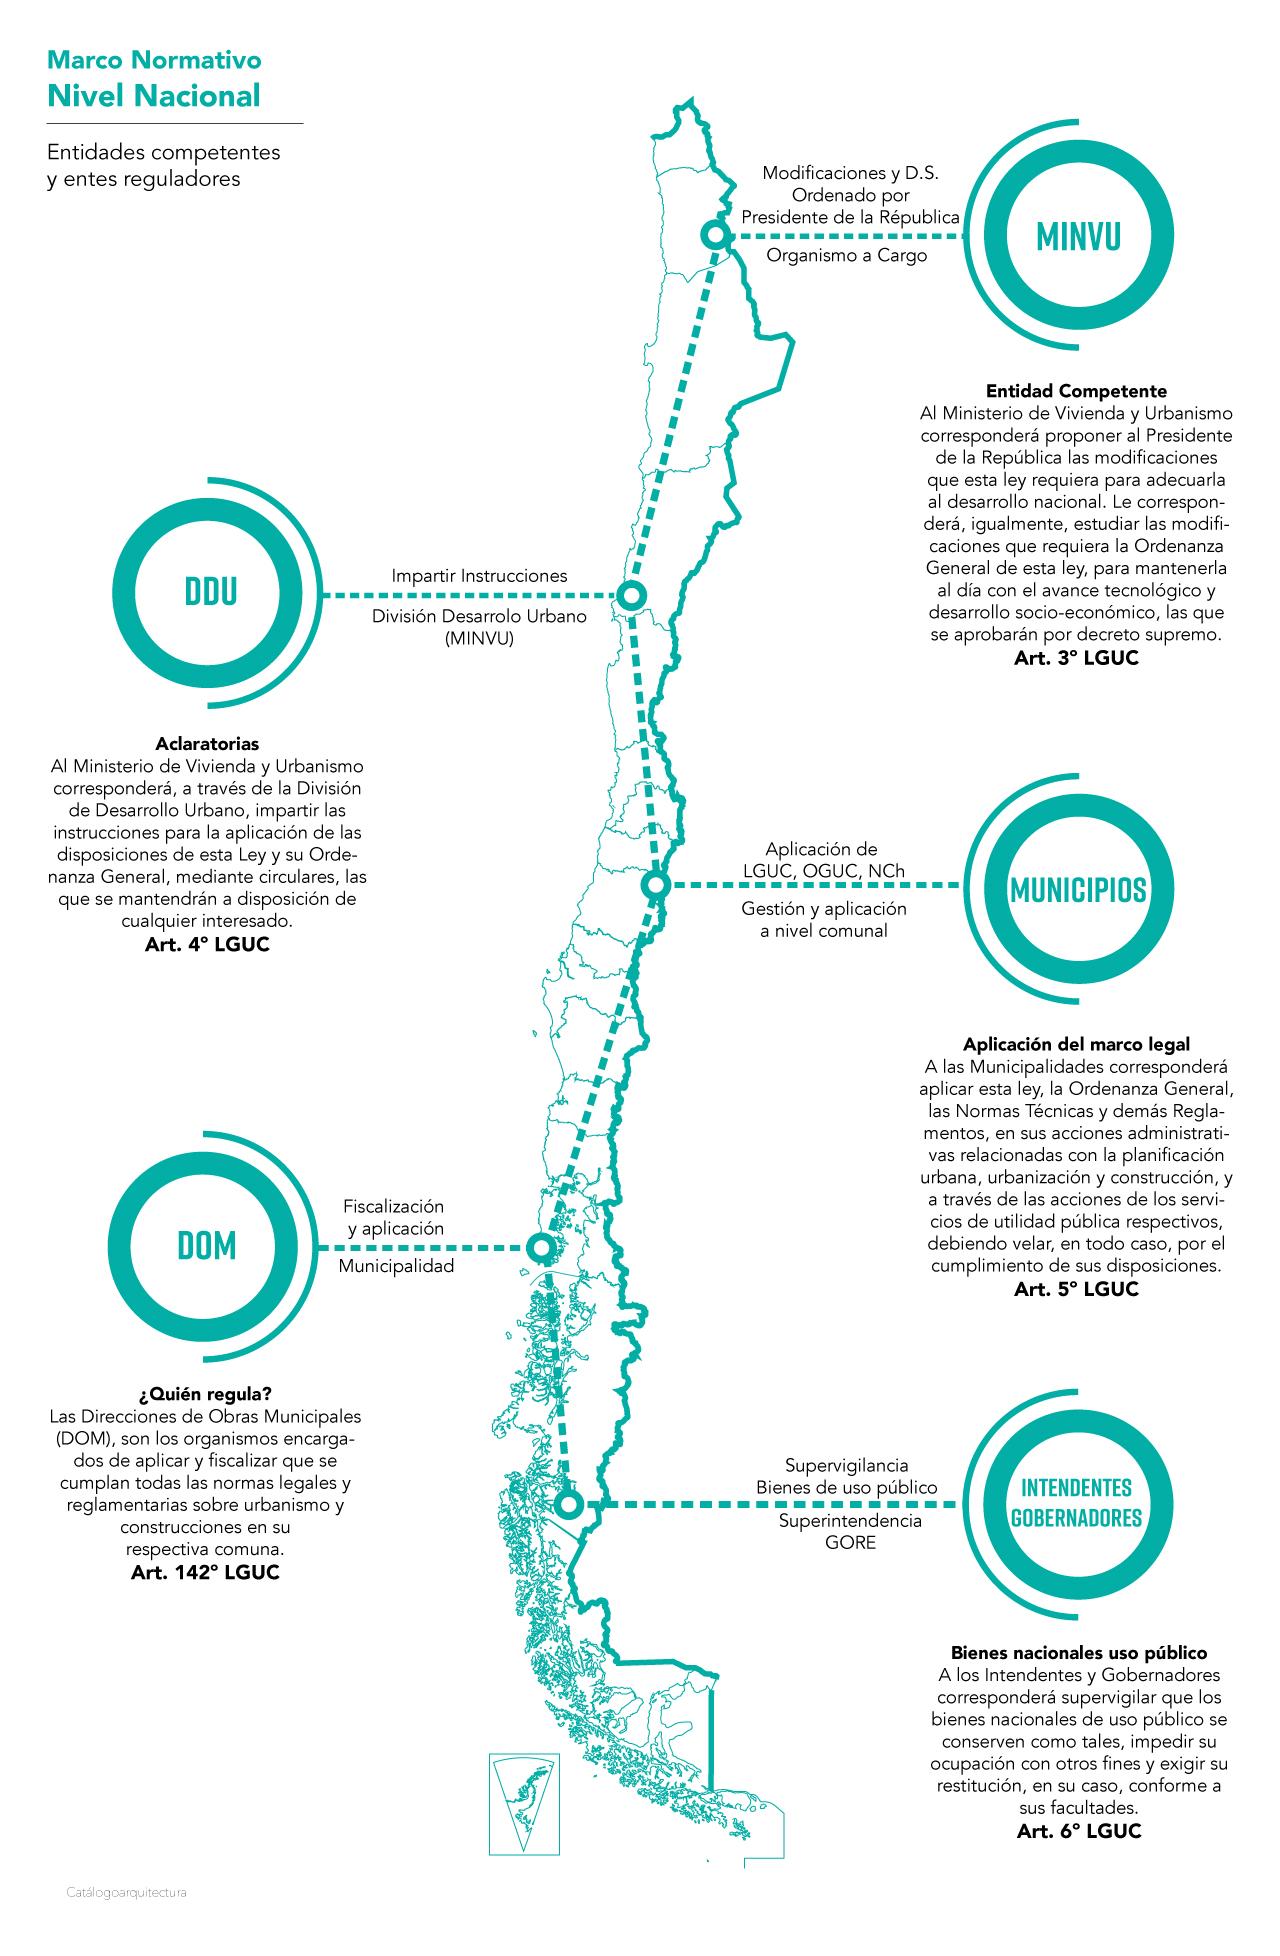 Entidades competentes y reguladoras, LGUC Chile.